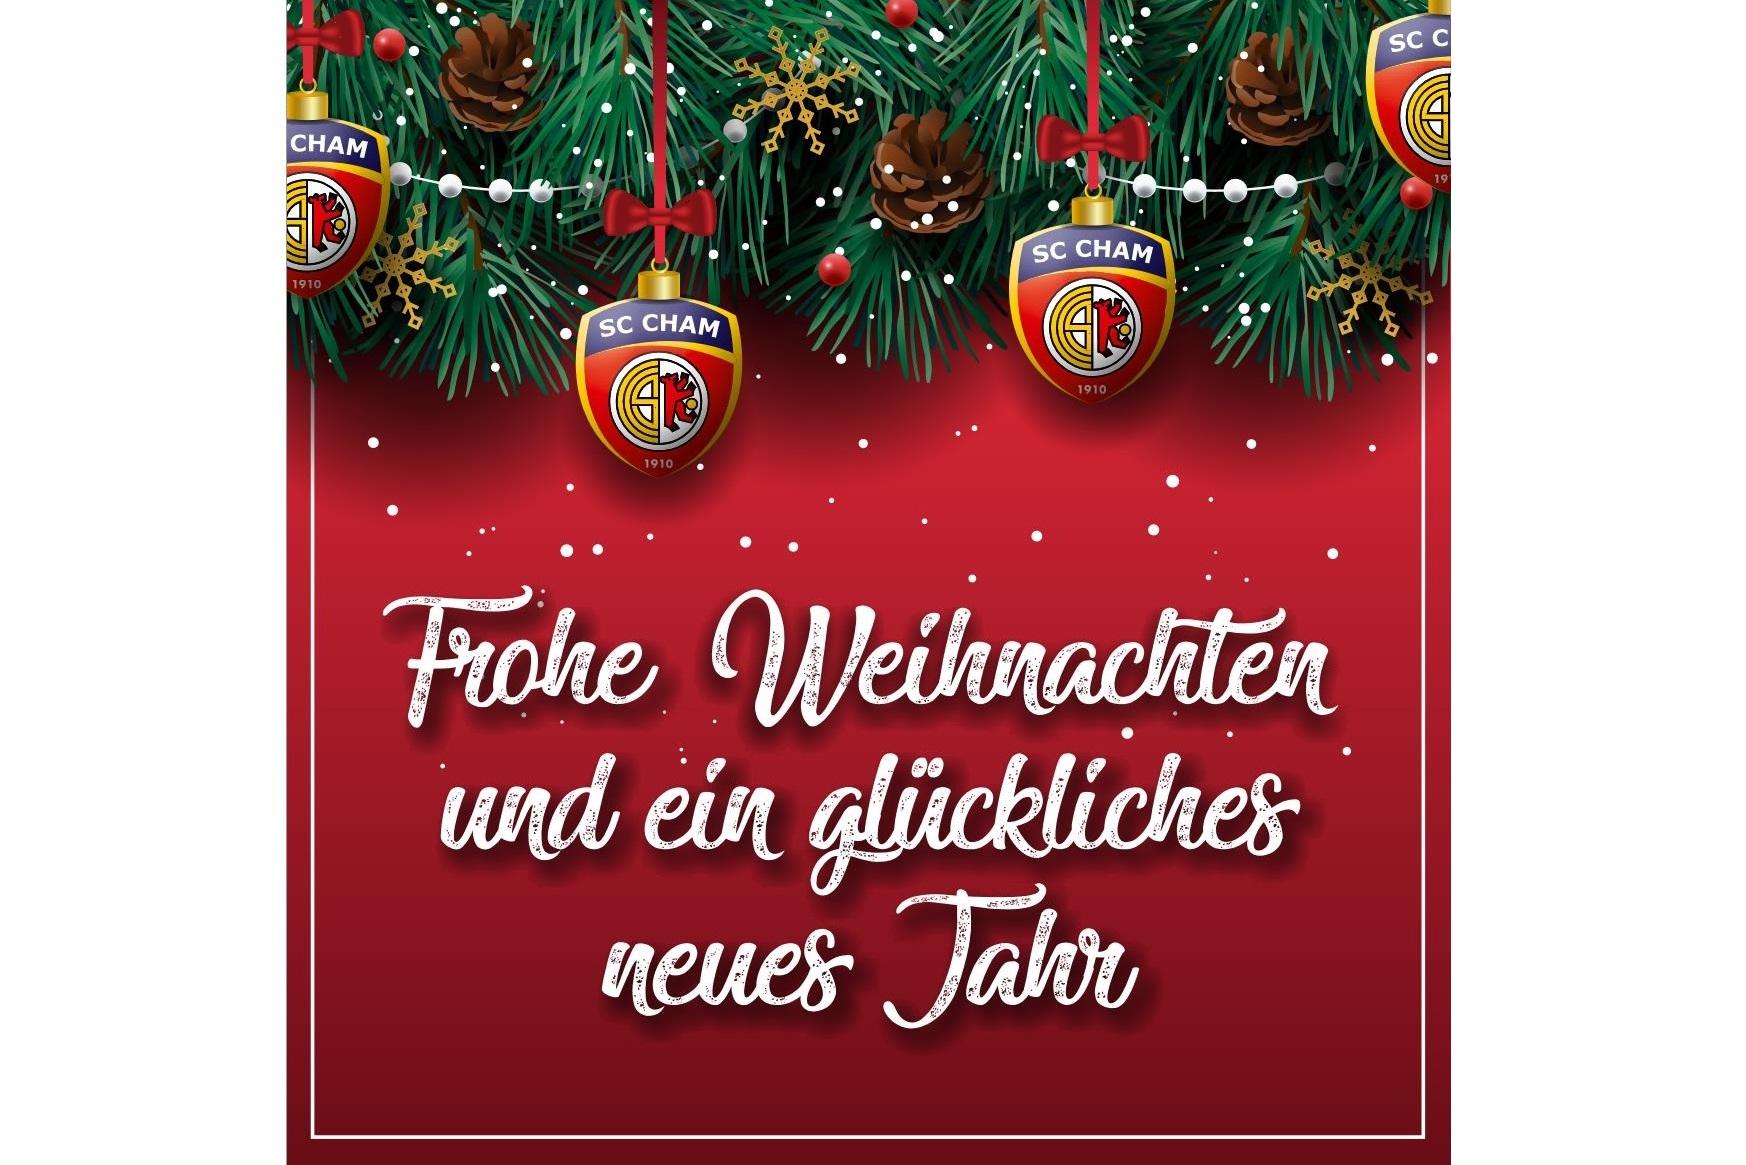 Frohe Weihnachten Und Ein.Frohe Weihnachten Und Ein Gluckliches Neues Jahr